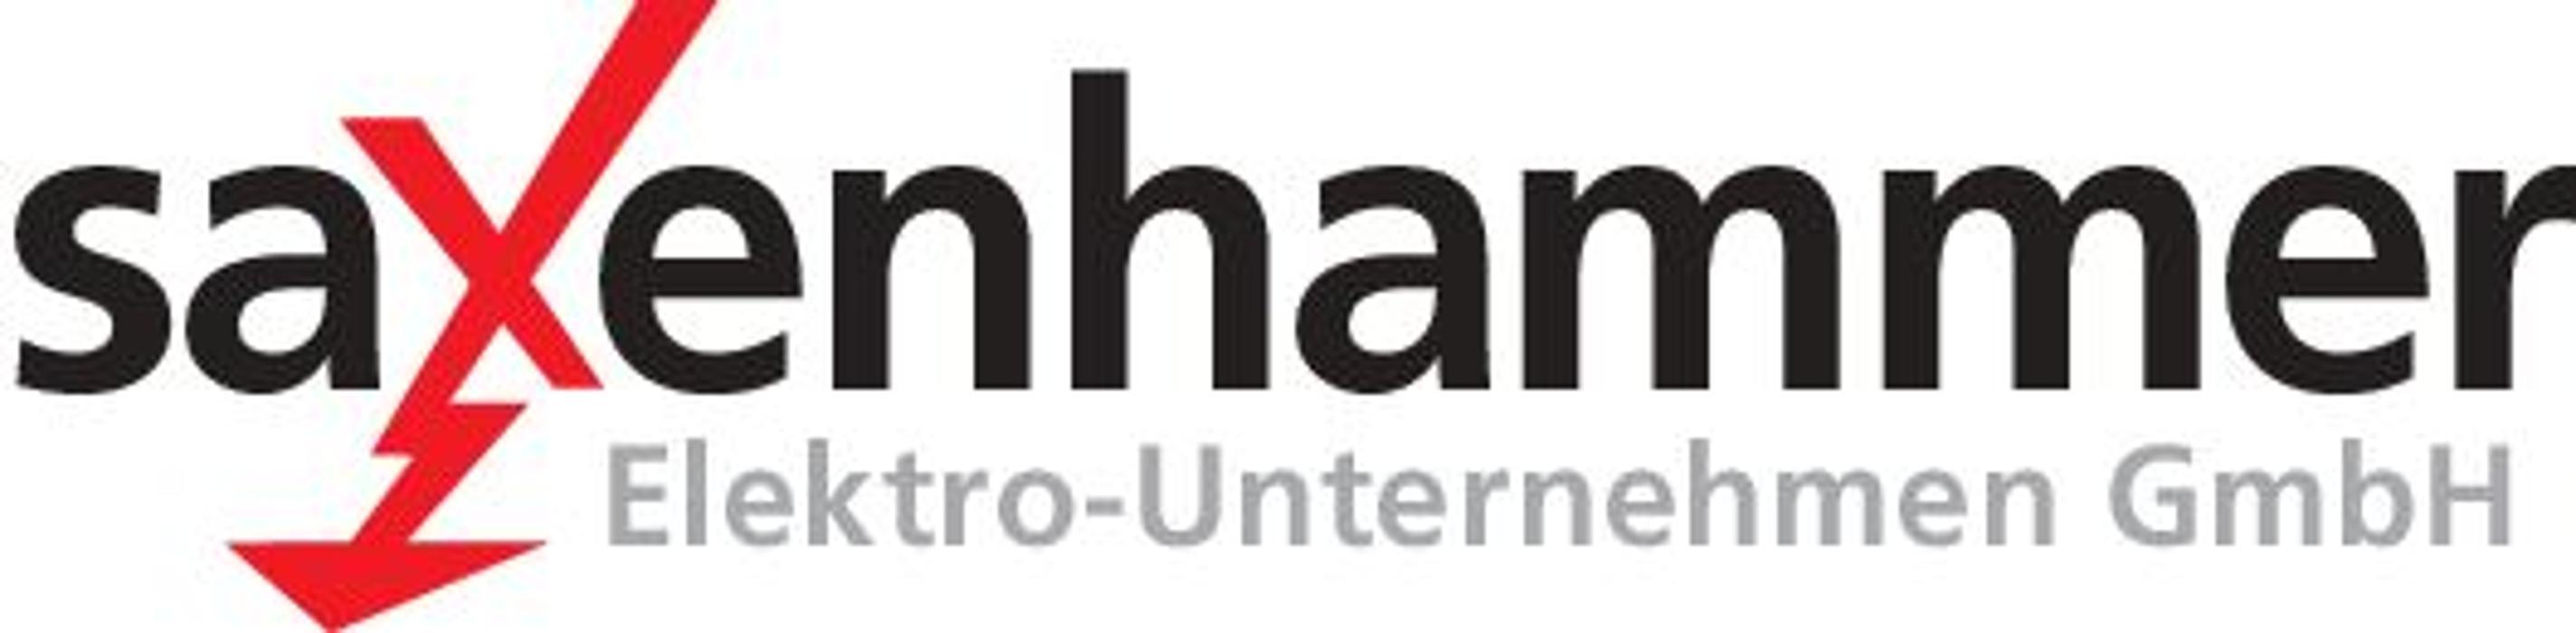 Bild zu Saxenhammer Elektro-Unternehmen GmbH in Augsburg